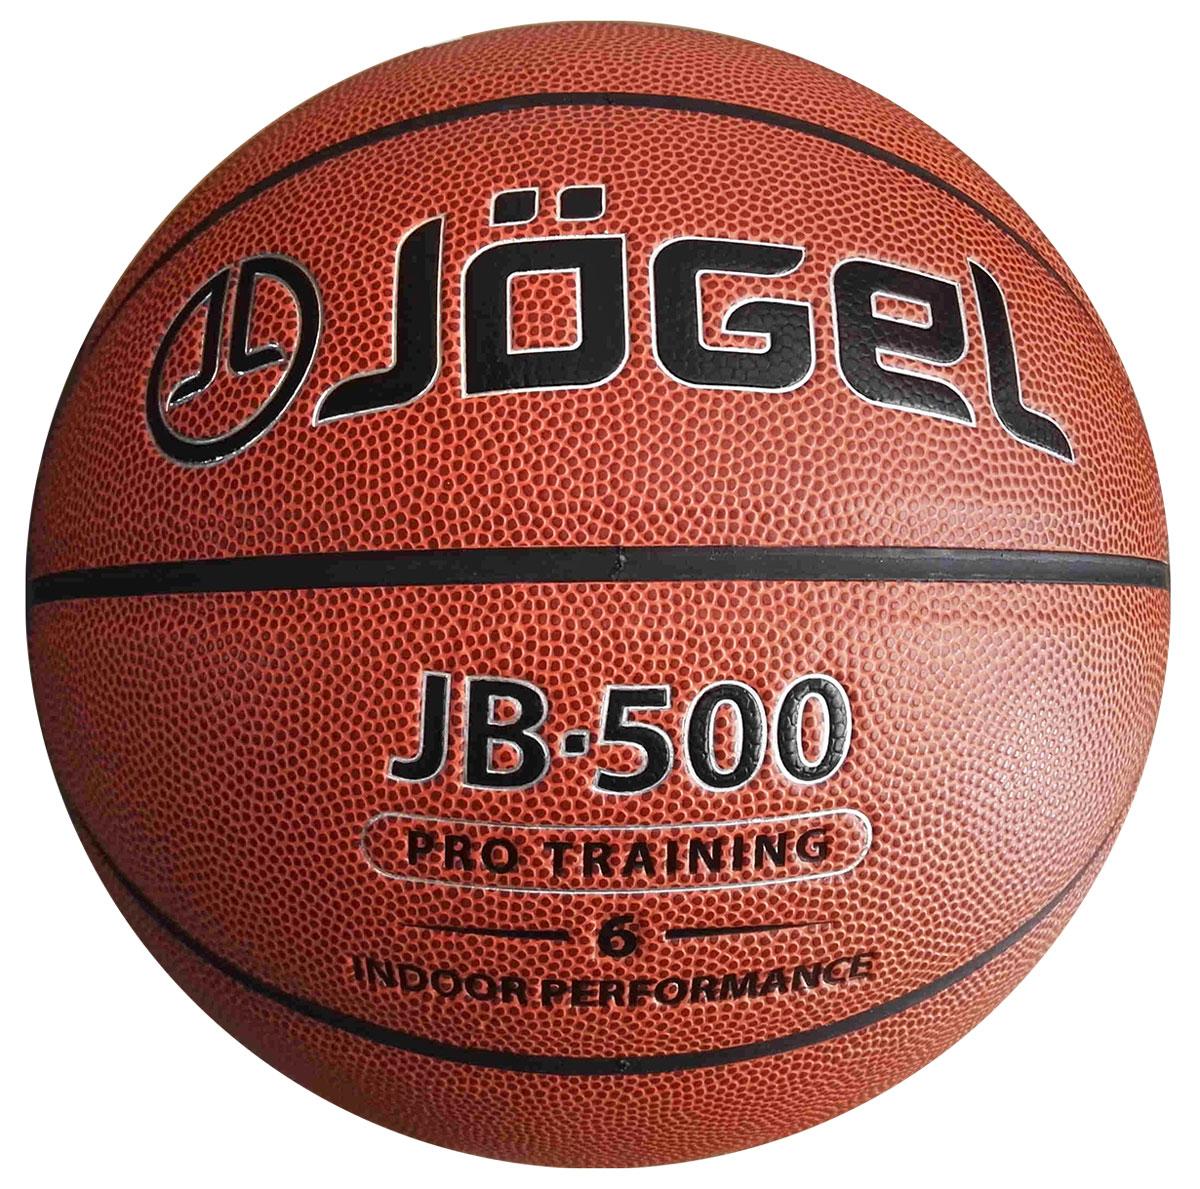 Мяч баскетбольный Jogel, цвет: коричневый. Размер 6. JB-500УТ-00009329Название: Мяч баскетбольный Jgel JB-500 №6 Уровень: Тренировочно-игровой мяч Серия: PRO TRAINING Категория: INDOOR Описание: Jogel JB-500 №6 . Благодаря технологии DeepChannel (глубокие каналы), используемой при производстве мячей Jogel, достигается лучший контроля мяча во время броска и дриблинга. Размер №6 предназначается для женщин и юношей от 12 до 16 лет. Данный мяч рекомендован для тренировок команд среднего и высокого уровня, а также соревнований любительских и средних команд. Данный мяч прекрасно подходит для поставок на гос. тендеры, образовательные учреждения и спортивные секции. Официальный размер и вес FIBA. Рекомендованные покрытия: Паркет Материал поверхности: Синтетическая кожа (полиуретан) Материал камеры: Бутил Тип соединения панелей: Клееный Количество панелей: 8 Размер: 6 Вес: 510-567 гр. Длина окружности: 72-74 см Рекомендованное давление: 0.5-0.6 бар Количество в коробке: 24 шт. Основной цвет: Коричневый Дополнительный цвет: Черный Бренд: Jogel Страна...